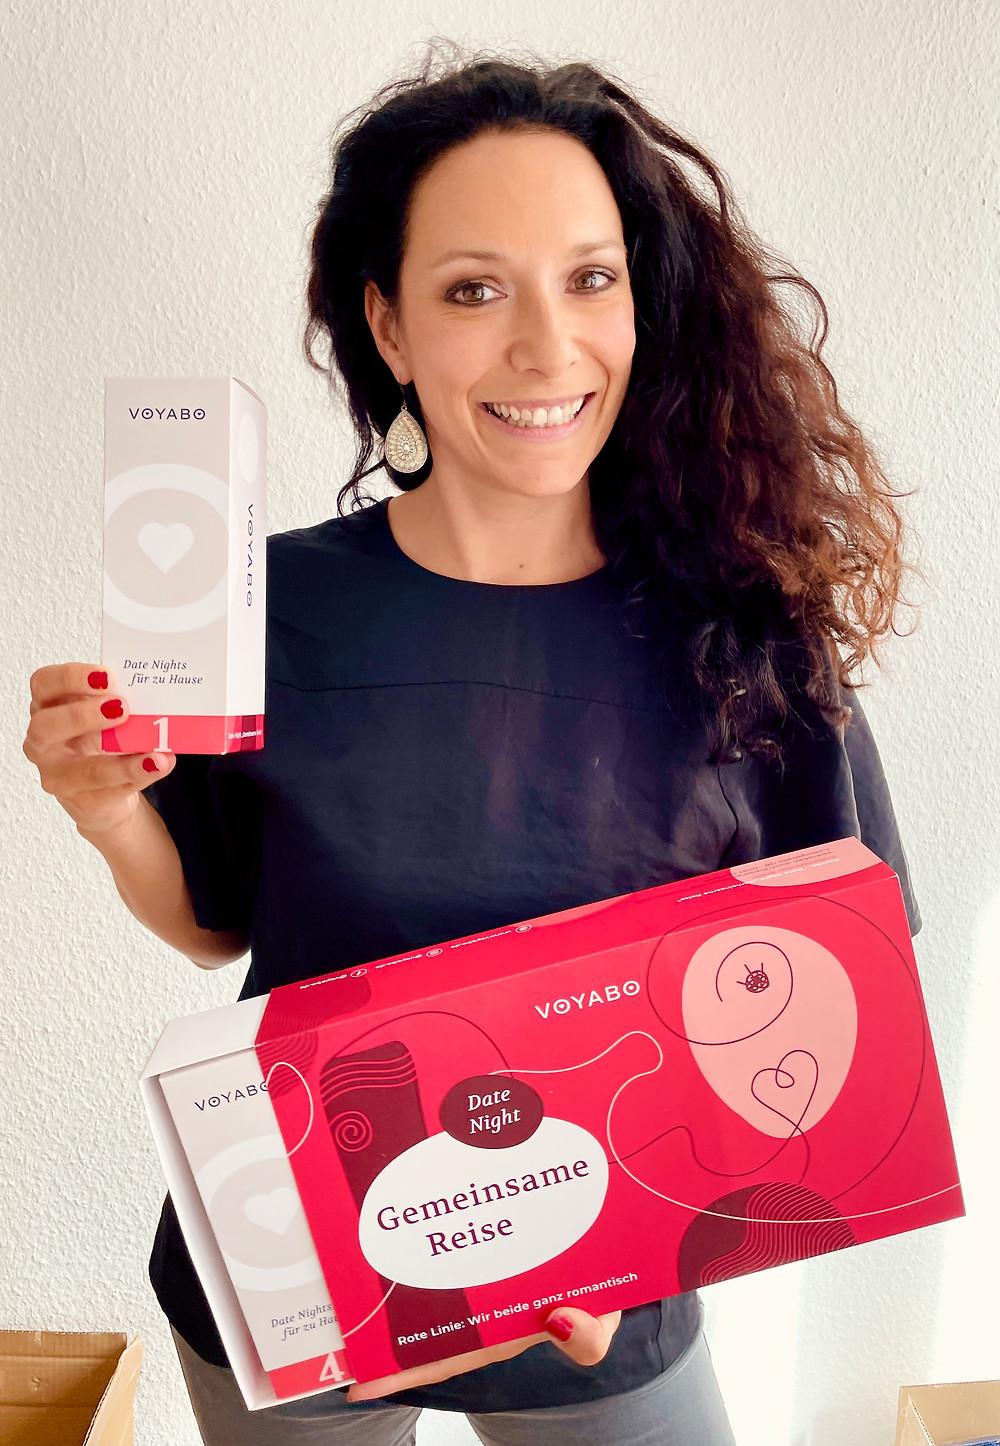 """Voyabo Gründerin mit Geschenkbox: Irmela und die Voyabo Date Night Box """"Gemeinsame Reise"""""""